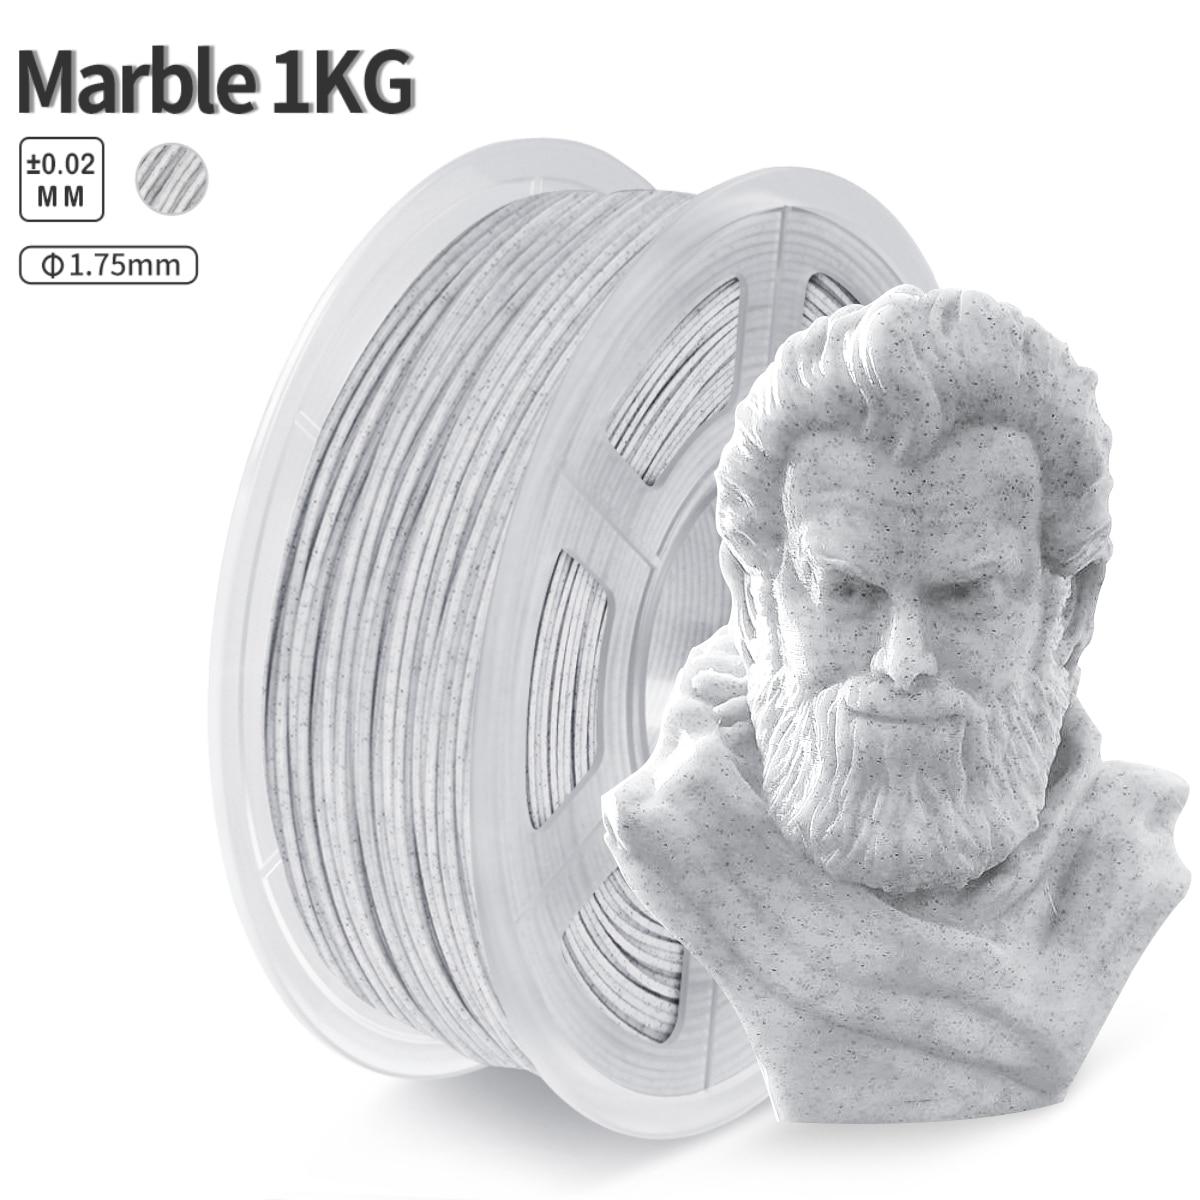 Filamento de mármore do pla do transporte rápido 1.75mm 1kg pla 3d filamento efeito de mármore tolerância +/-0.02mm rocha 3d materiais de impressão